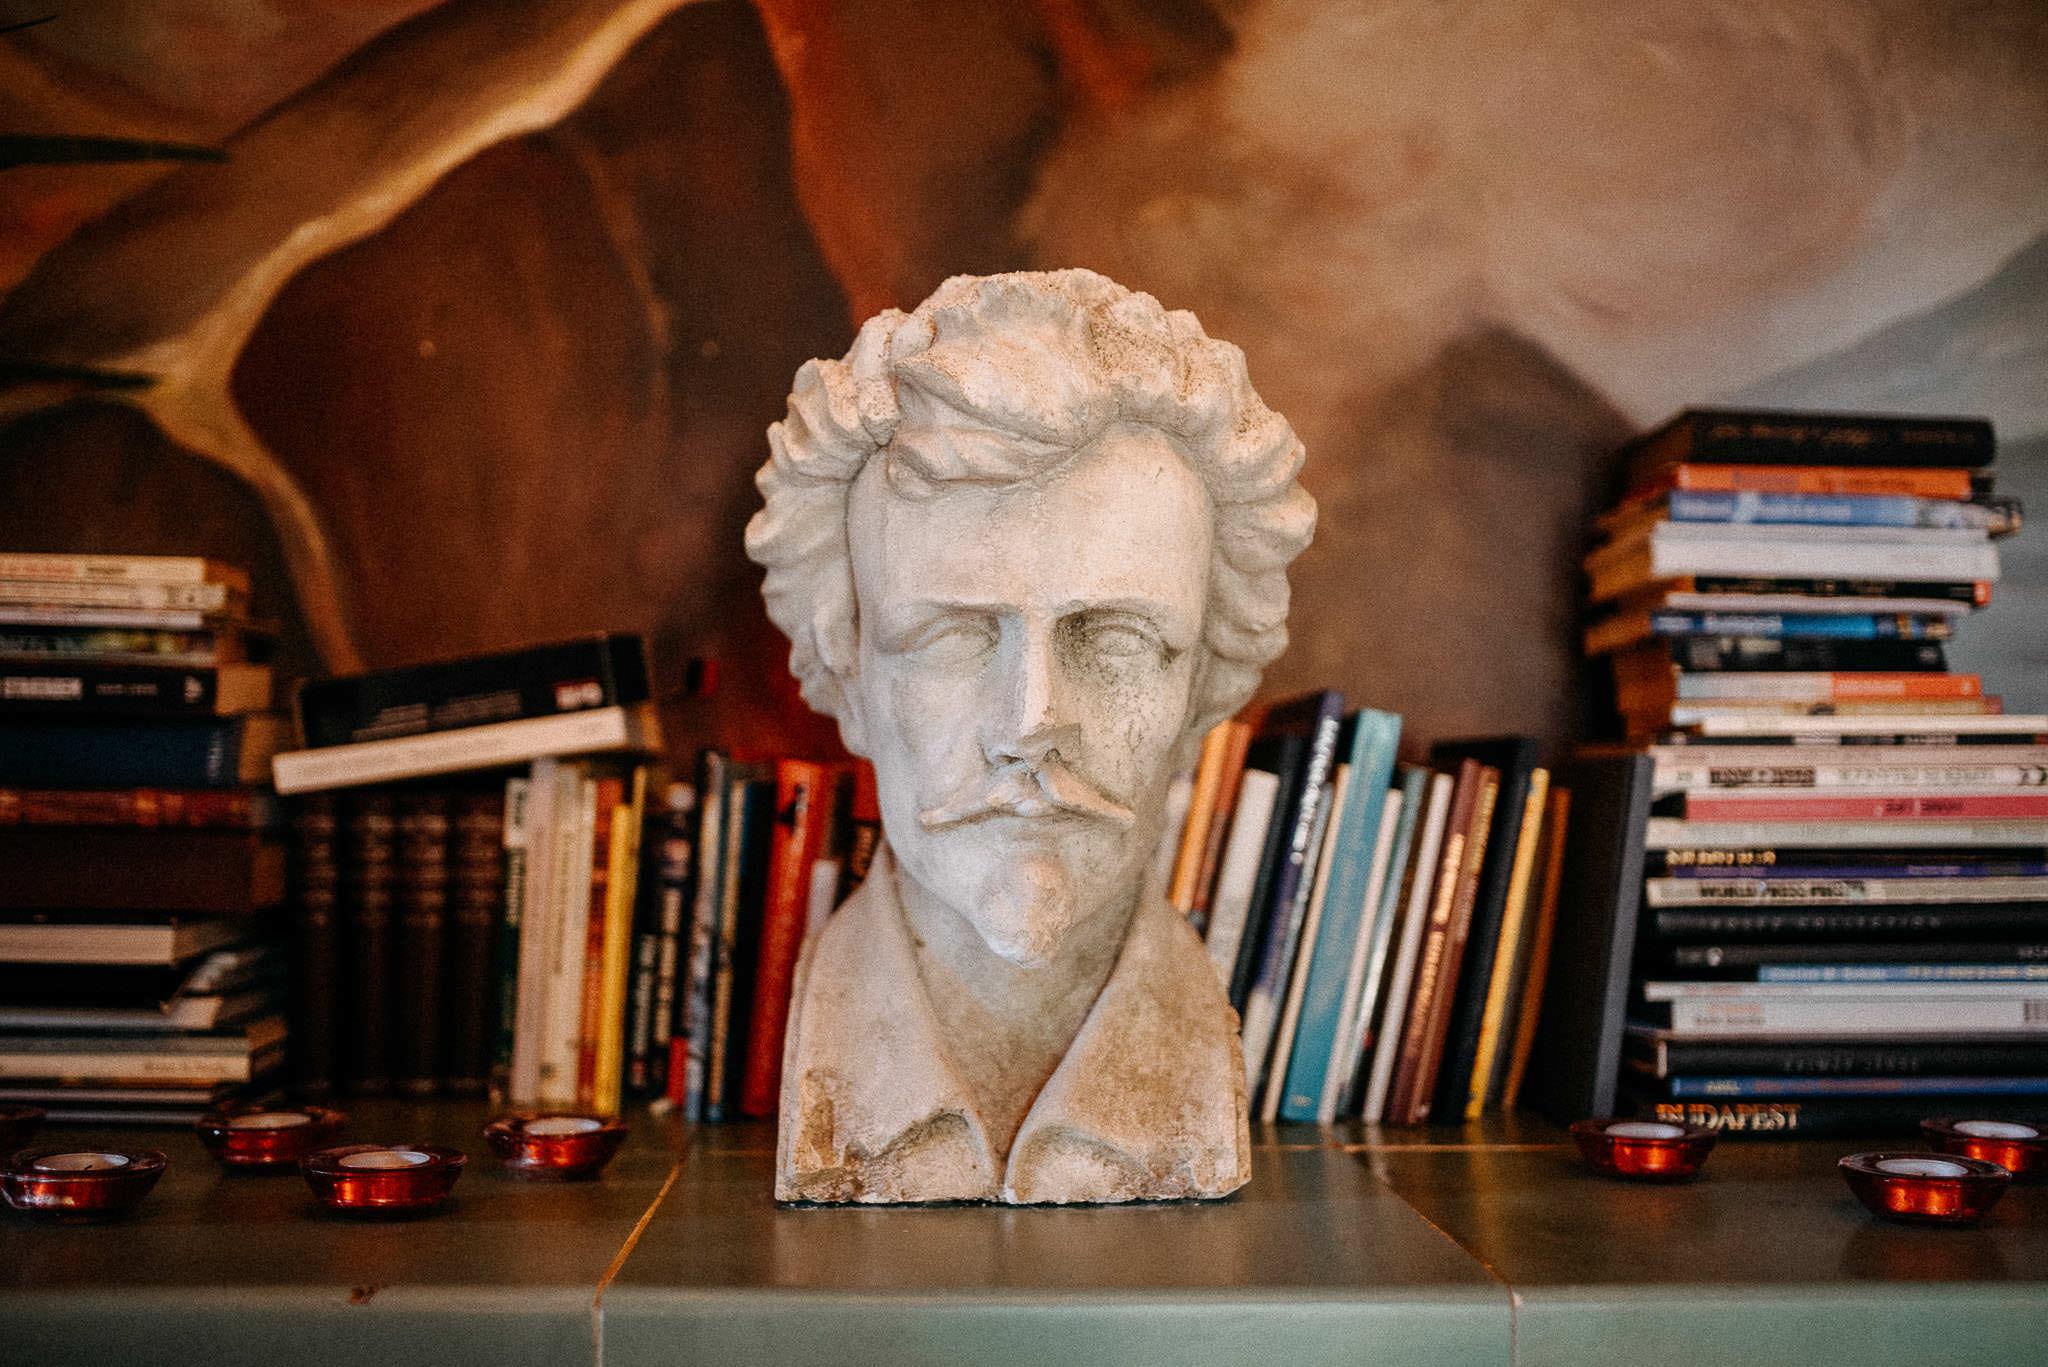 petofi sandor szobor statue